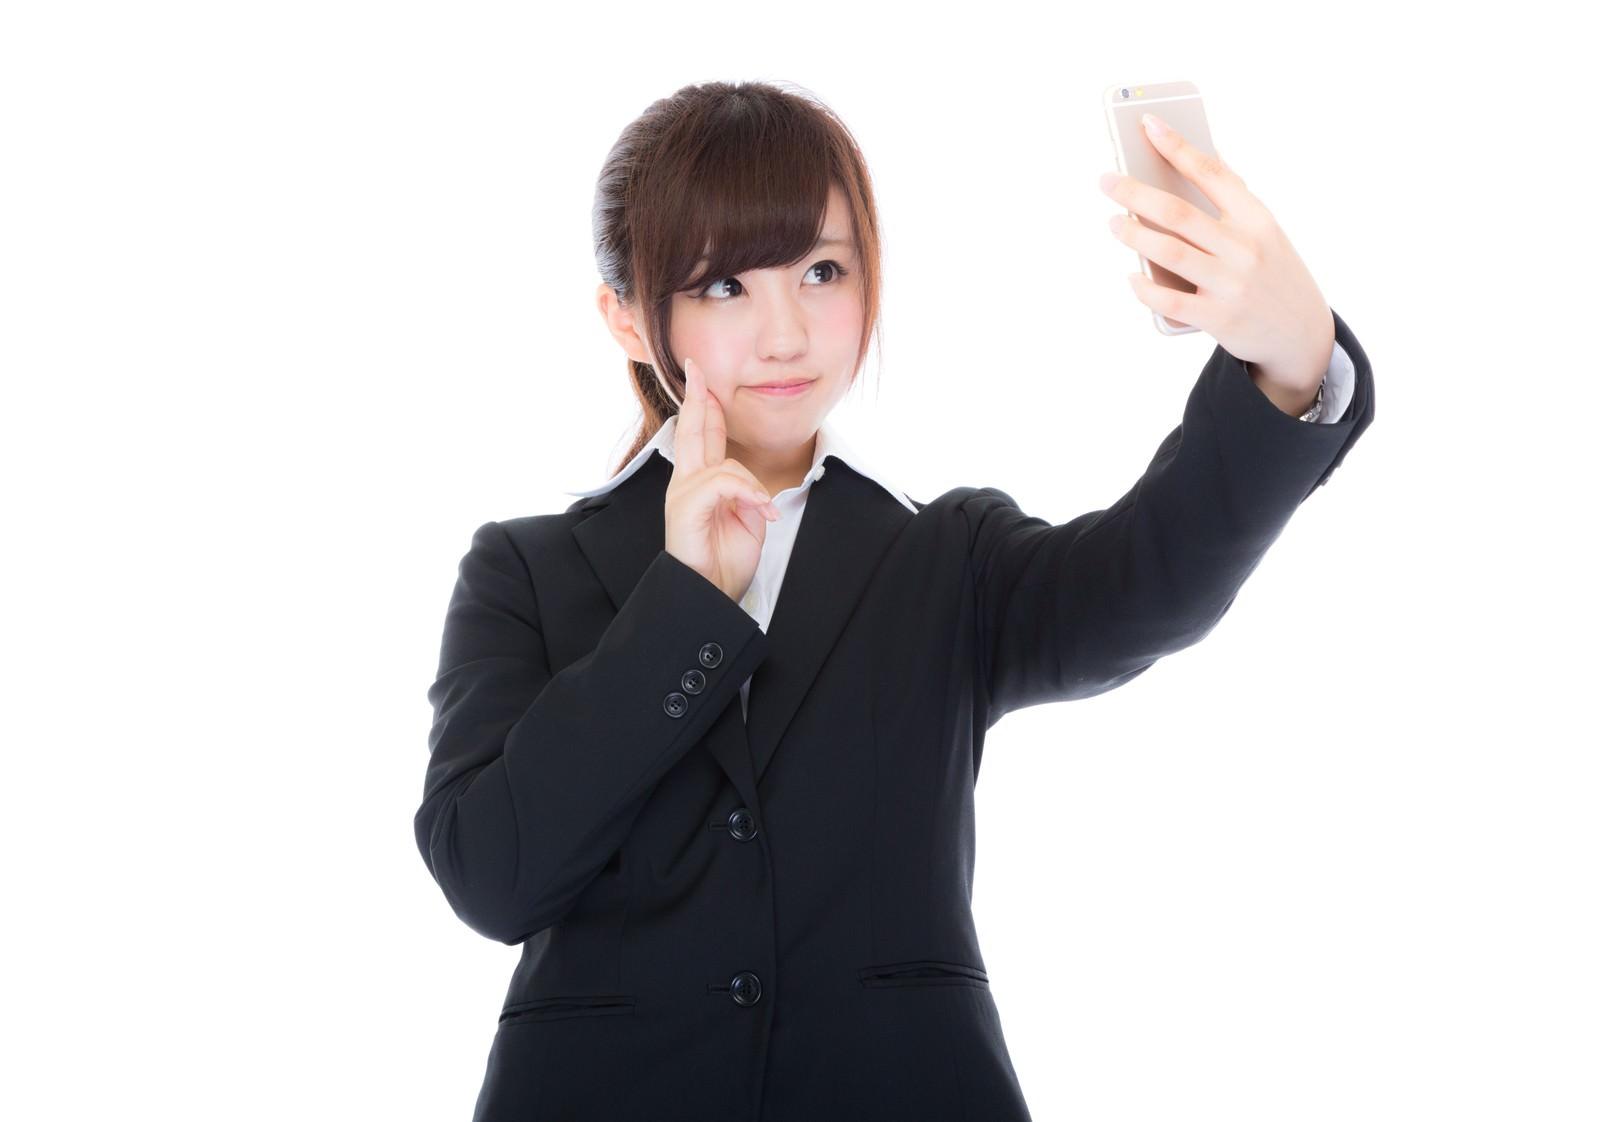 「自撮りをする女性の新入社員自撮りをする女性の新入社員」[モデル:河村友歌]のフリー写真素材を拡大